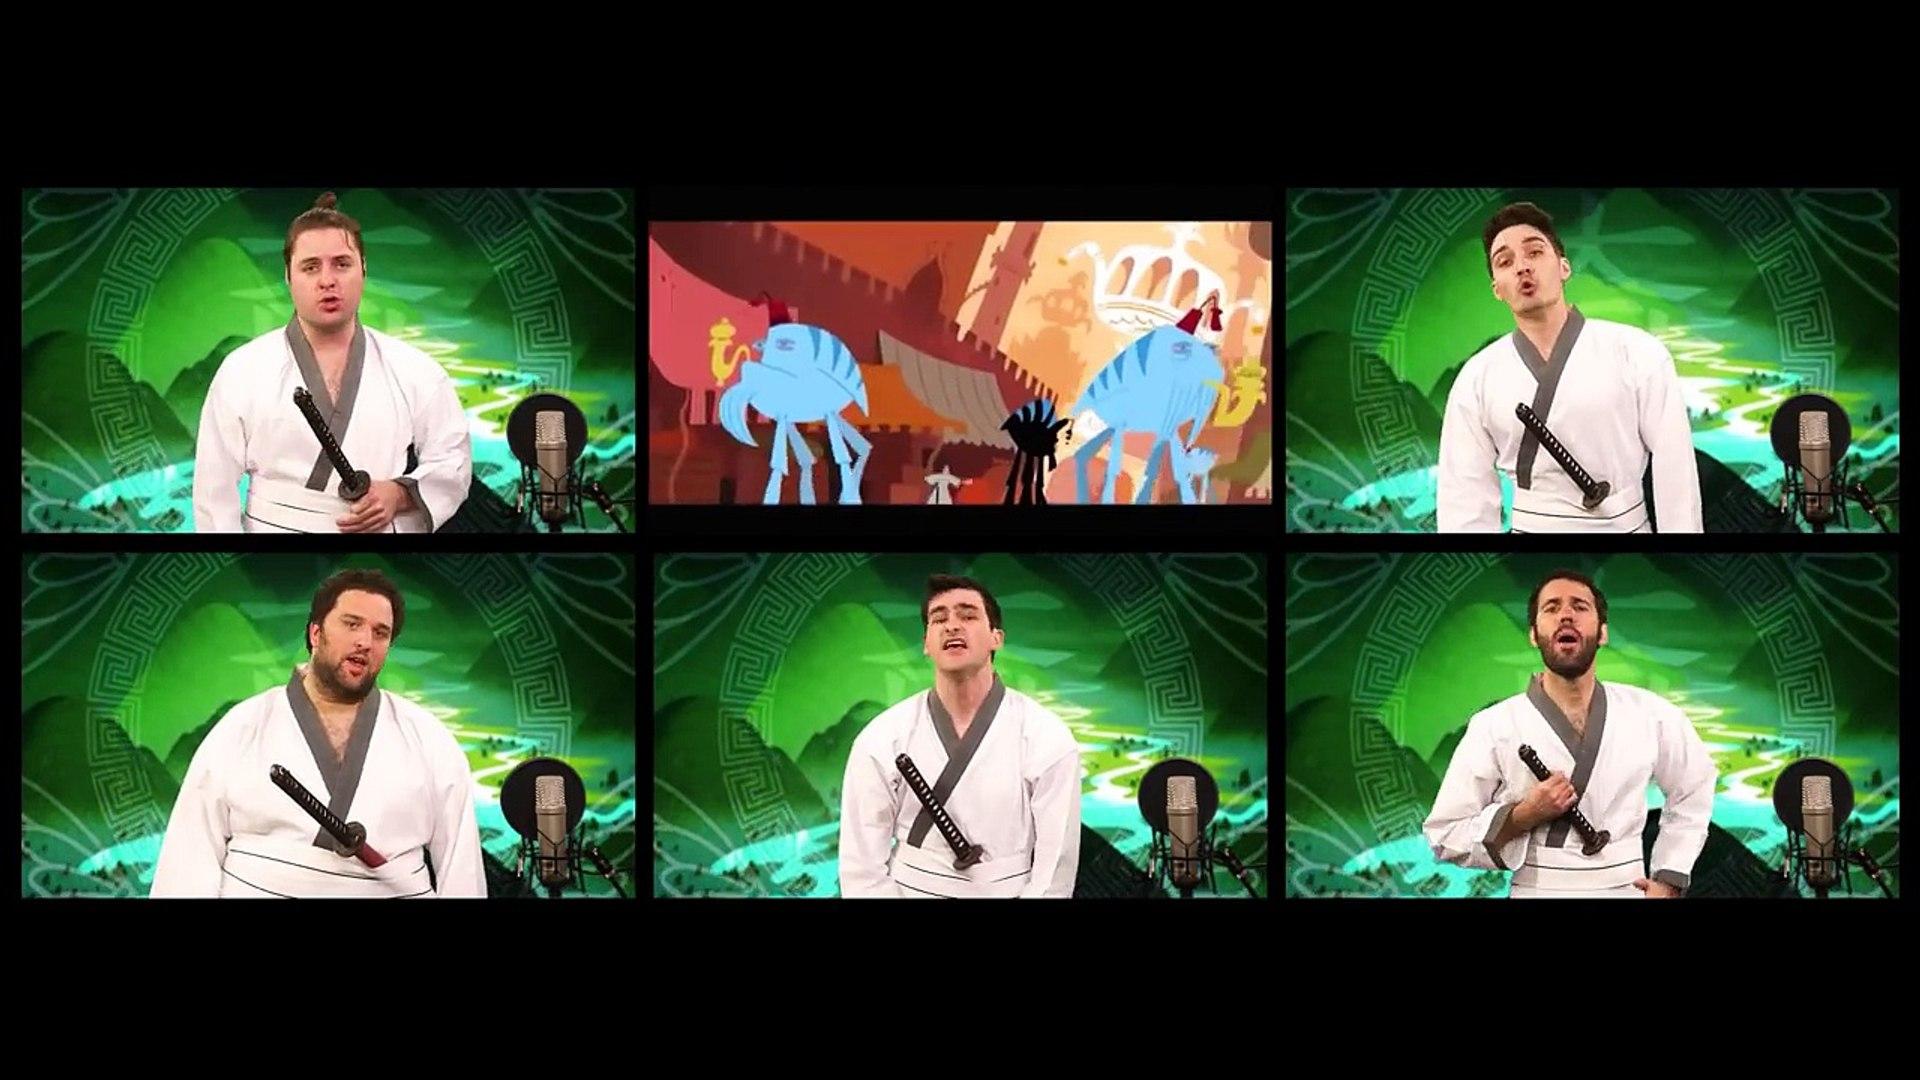 SAMURAI JACK THEME SONG ACAPELLA-2017